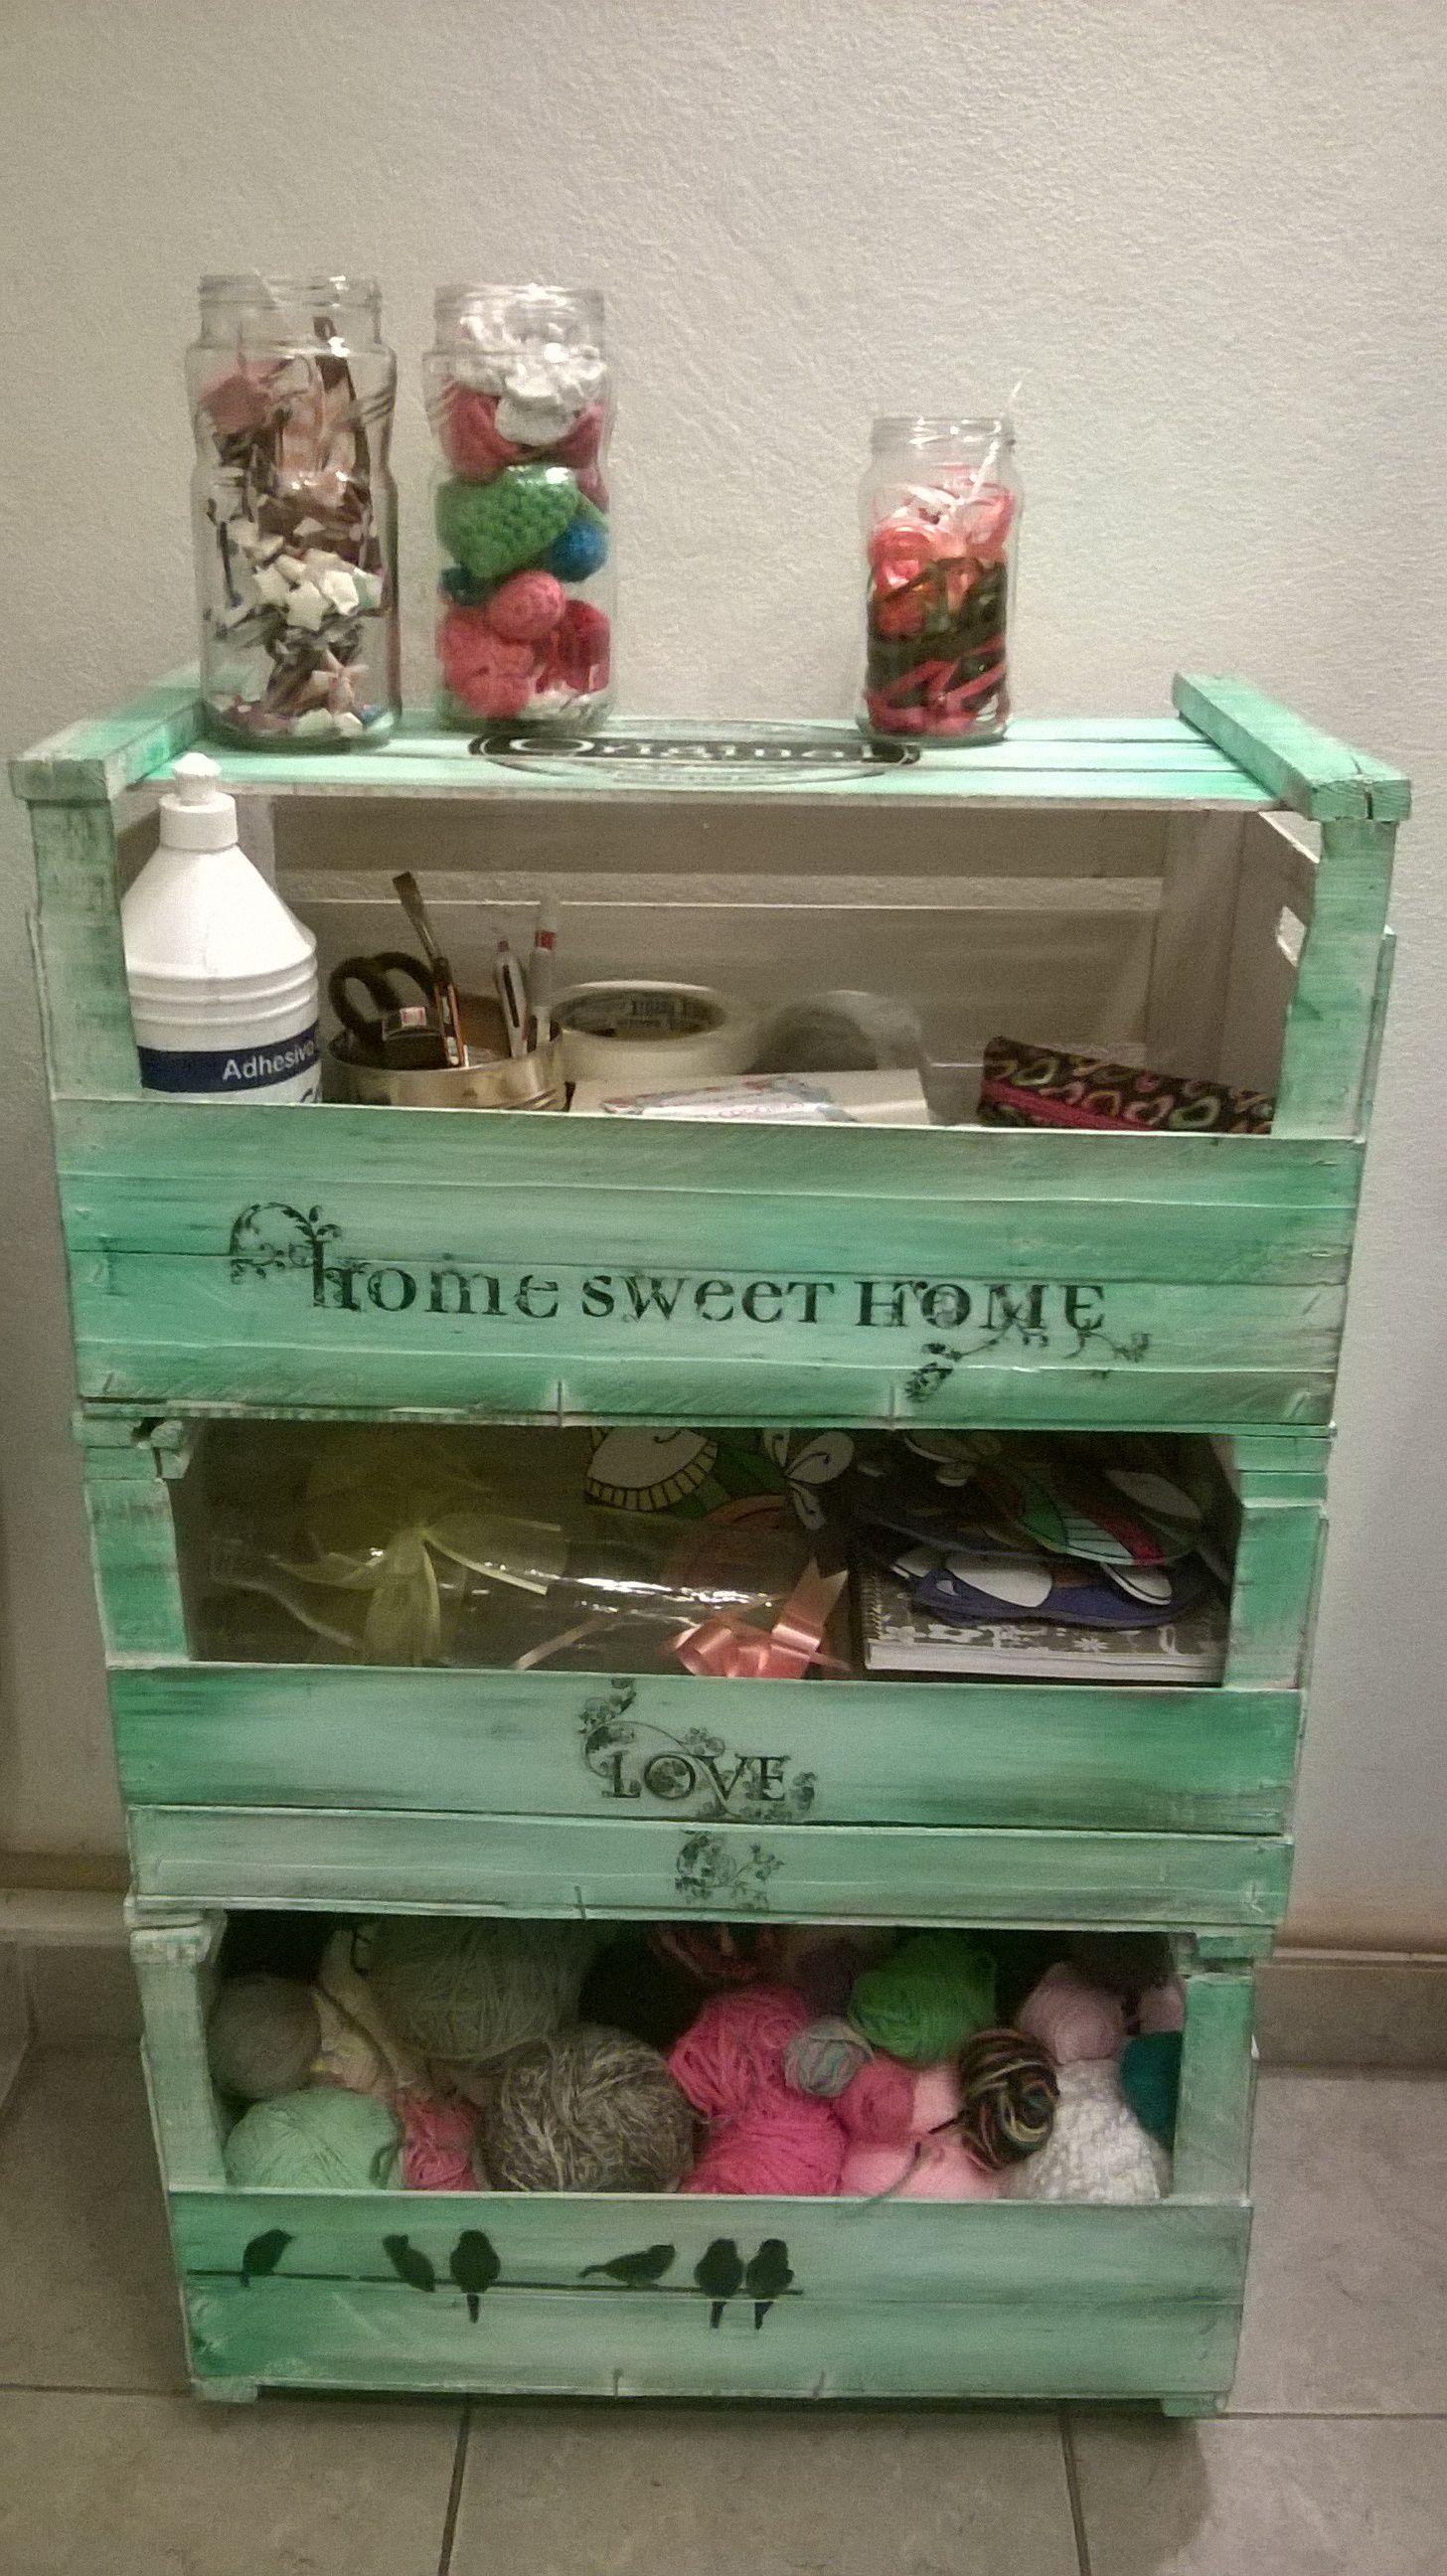 Con cajones de frutas muebles reciclados pinterest for Muebles reciclados